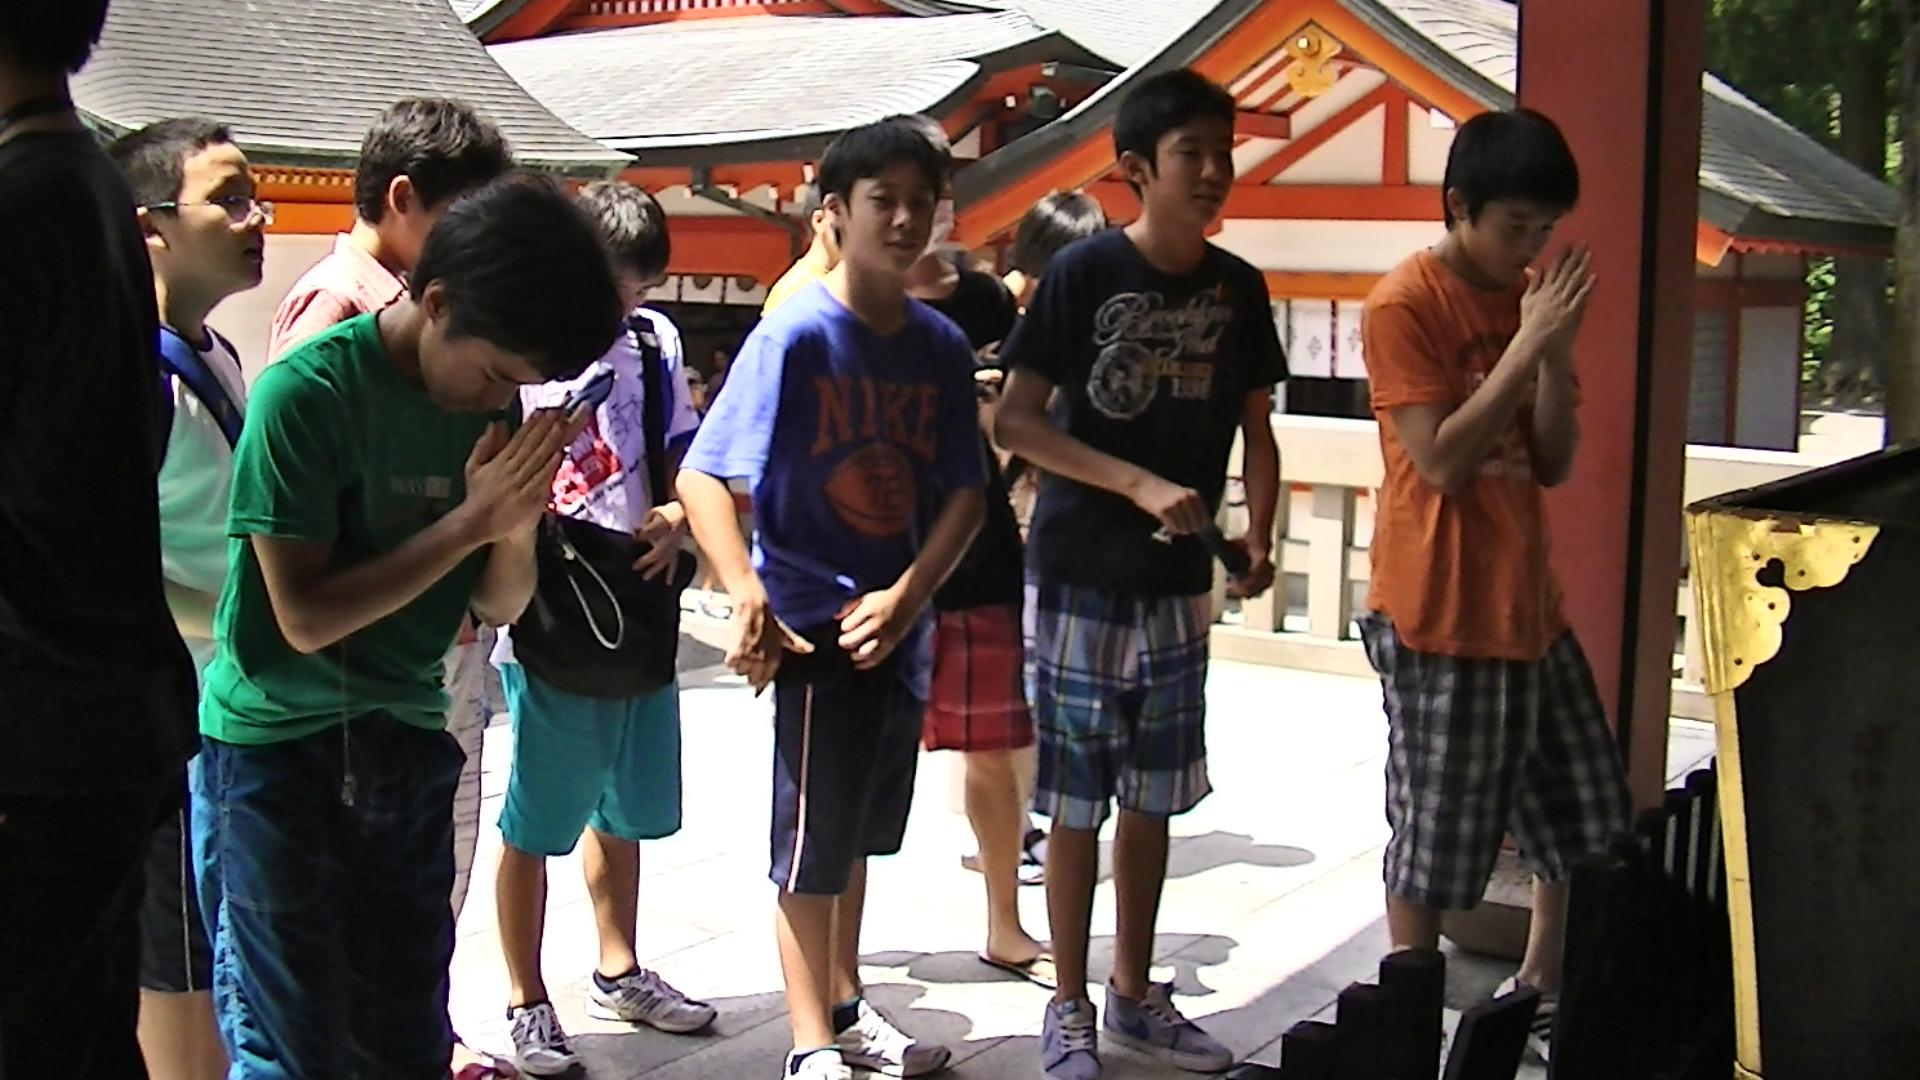 2014年宮崎夏合宿の写真-霧島・えびの高原編 -_d0116009_13264560.jpg